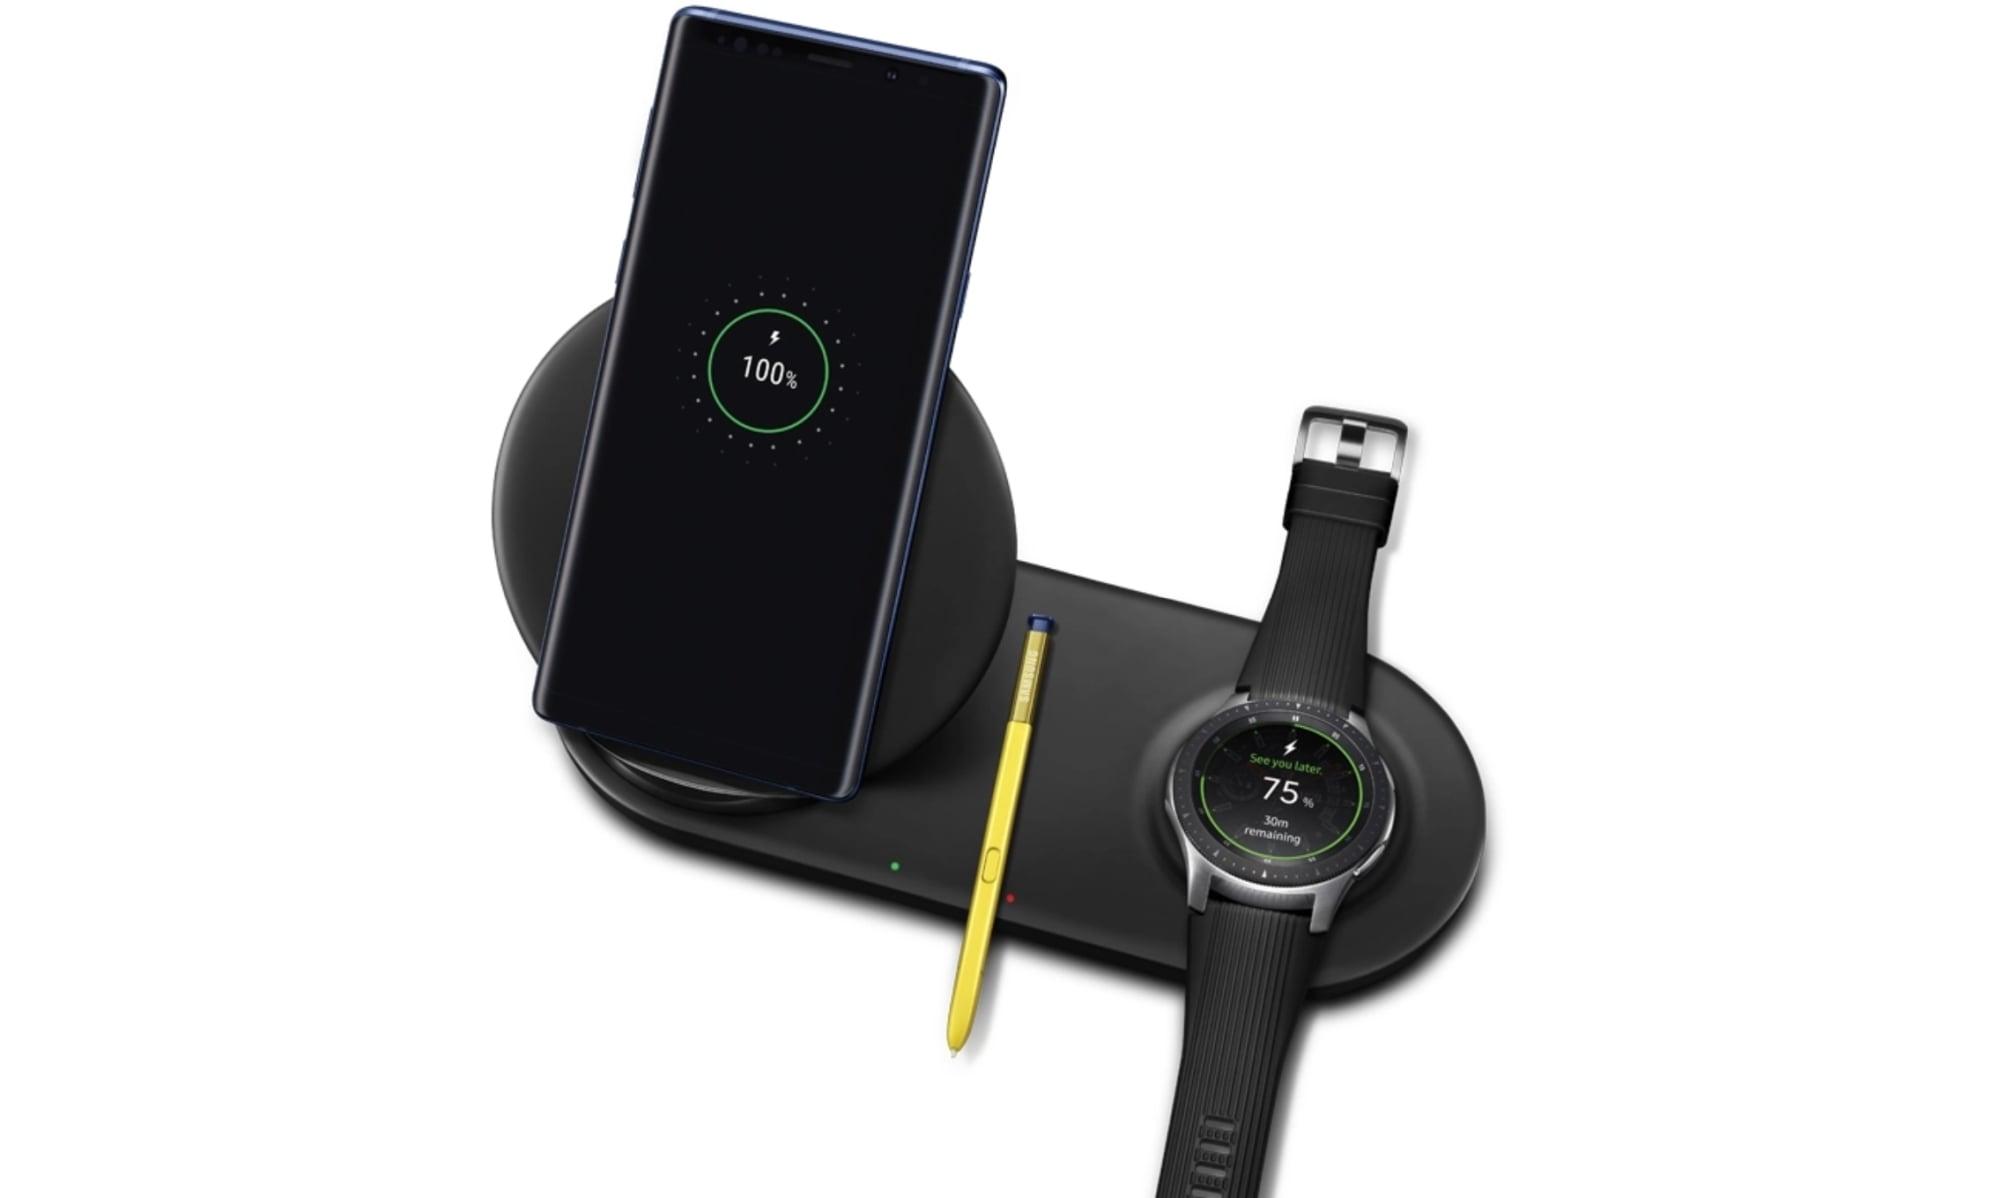 Kusząca oferta przedsprzedażowa nowego zegarka - Galaxy Watch z podwójną ładowarką gratis 23